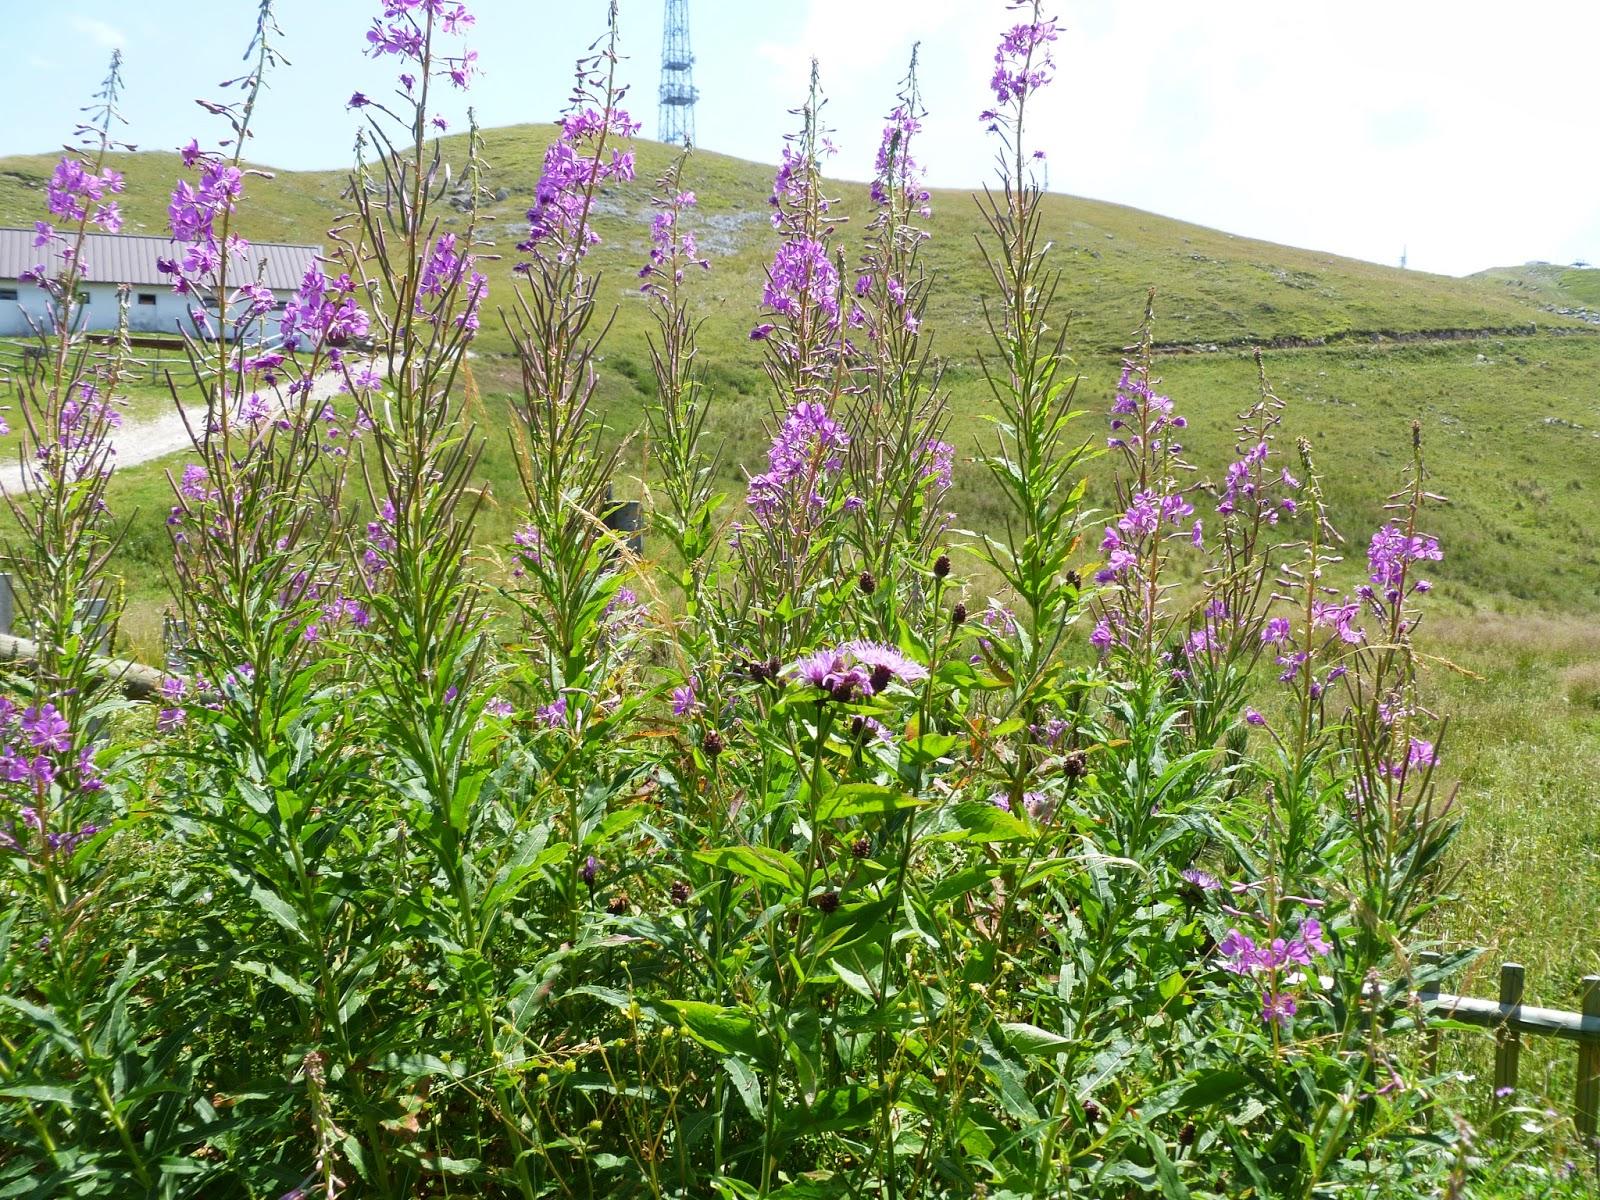 epilobium-angustifolium-giardino-botanico-alpino-delle-alpi-orientali-del-monte-faverghera-nevegal-vittorio-alberti